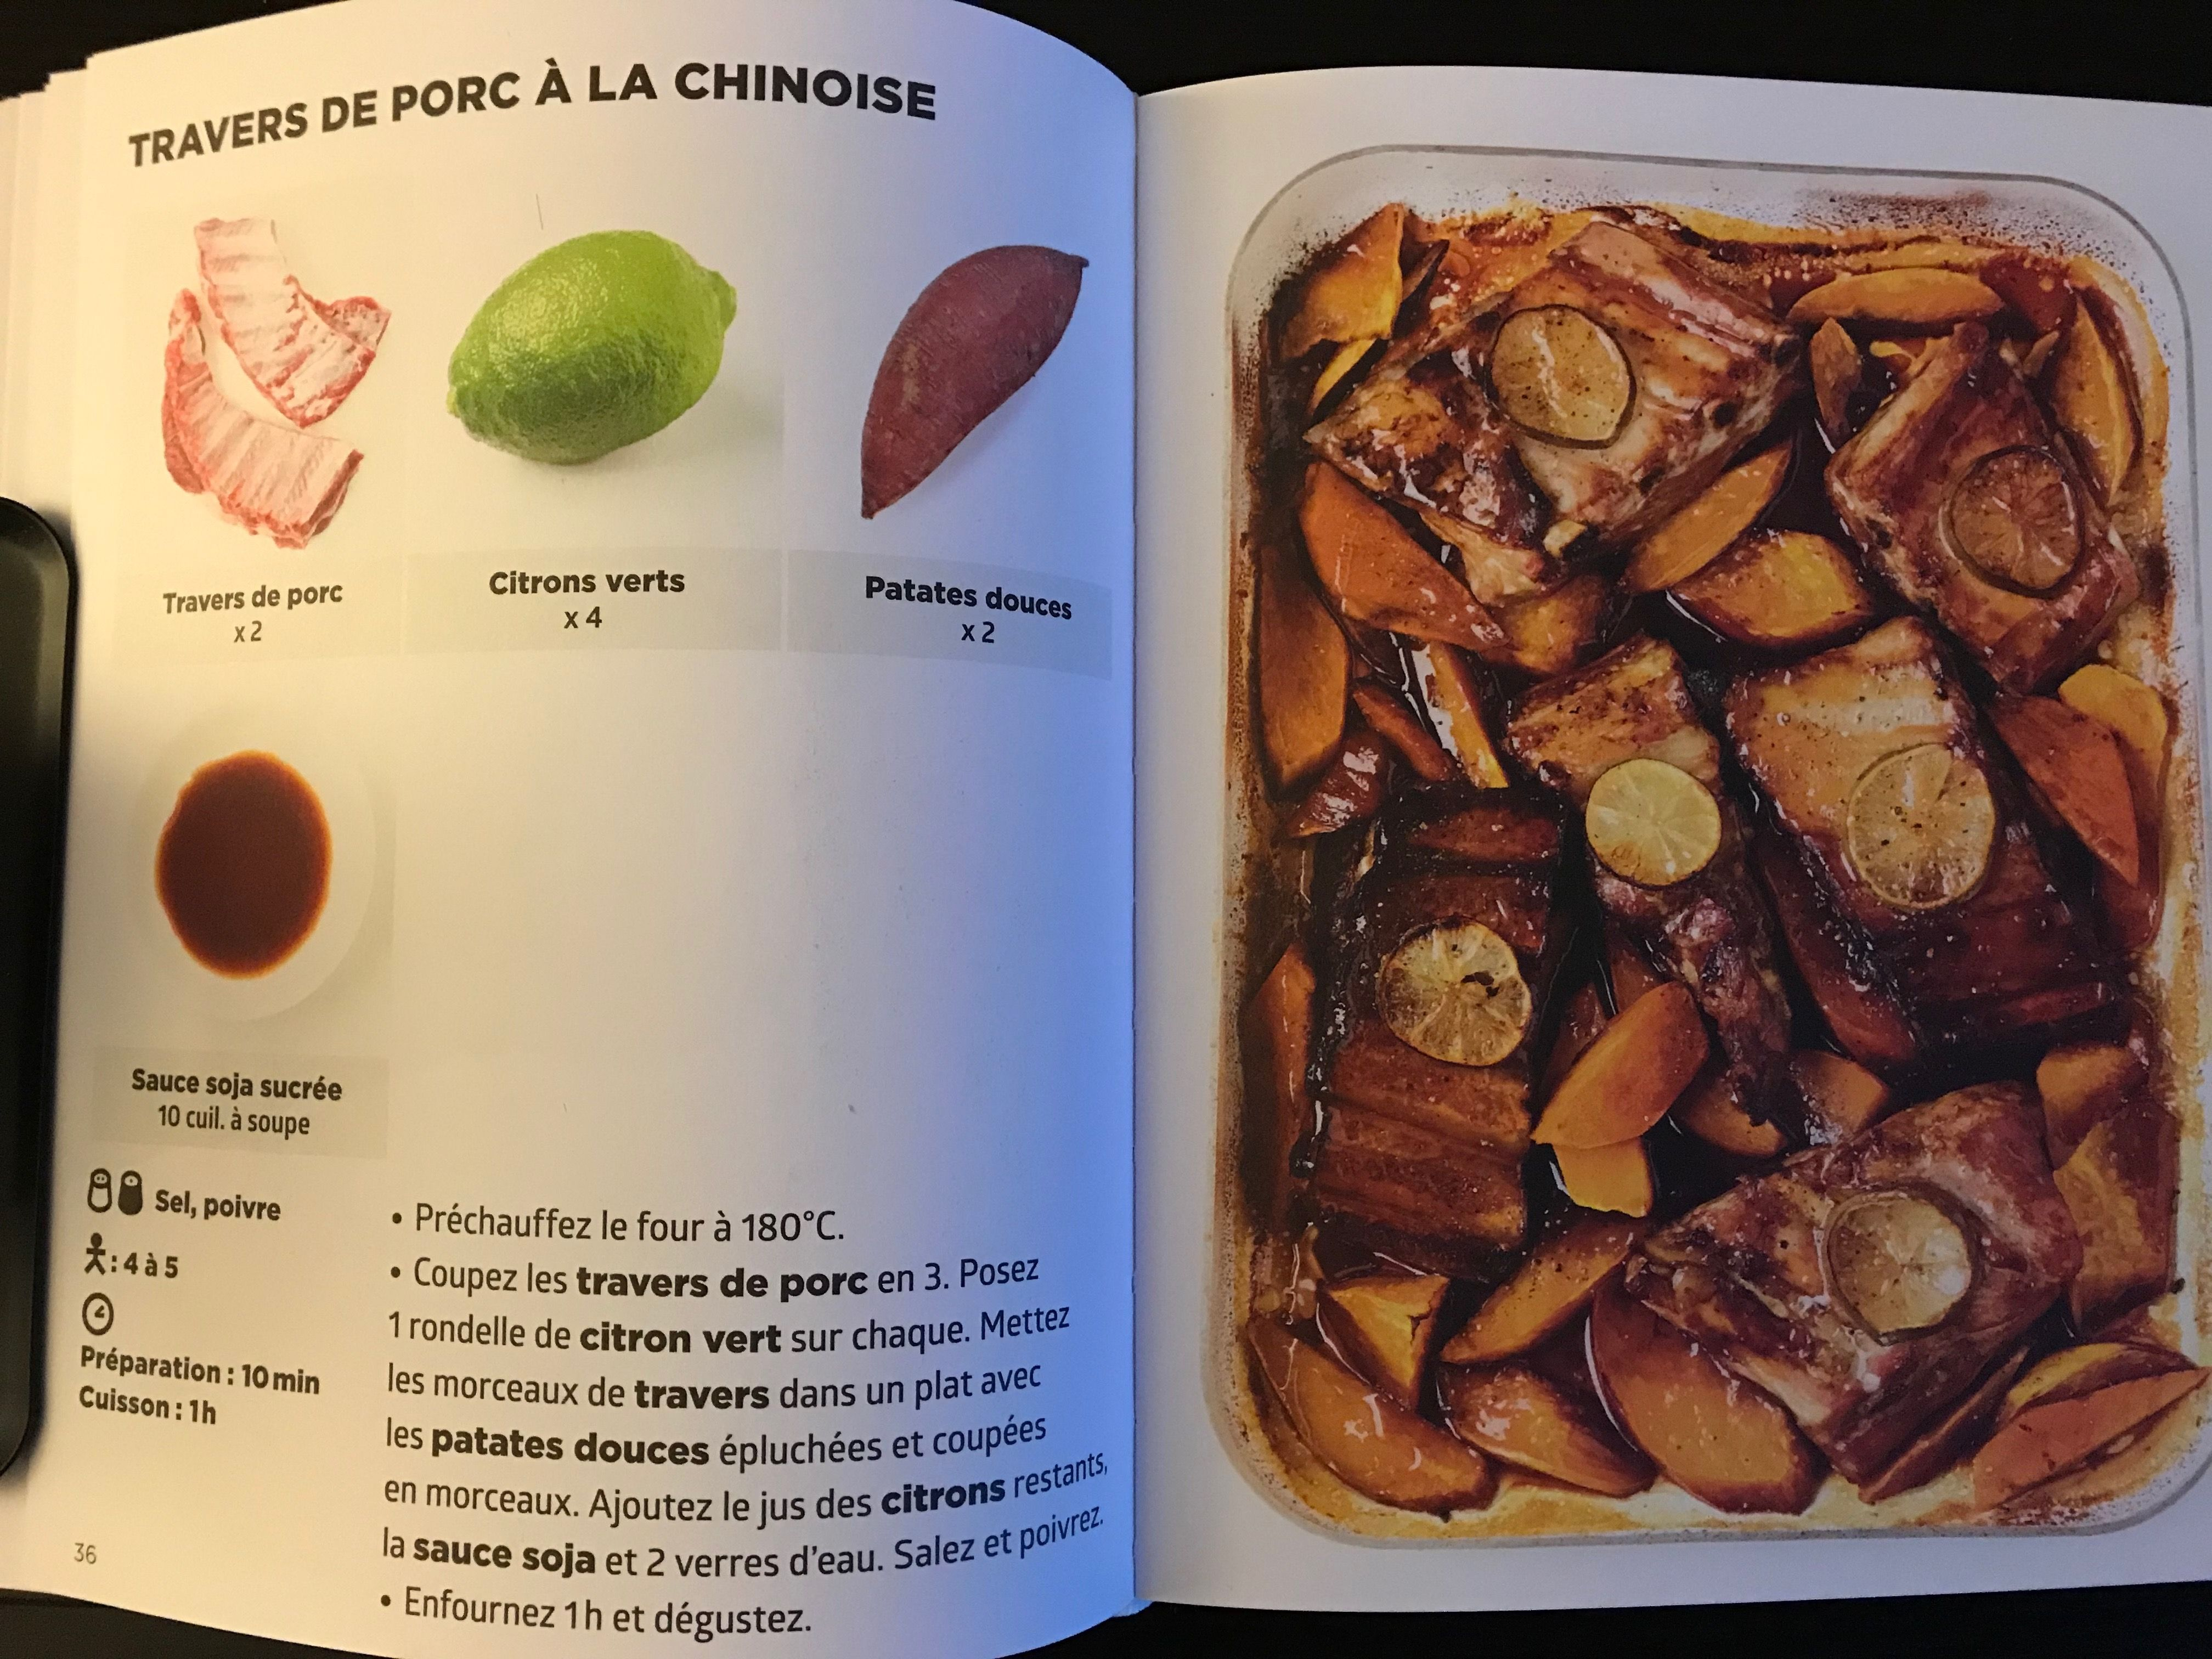 Simplissime travers de porc chinoise cuisine pinterest - Cuisiner travers de porc ...